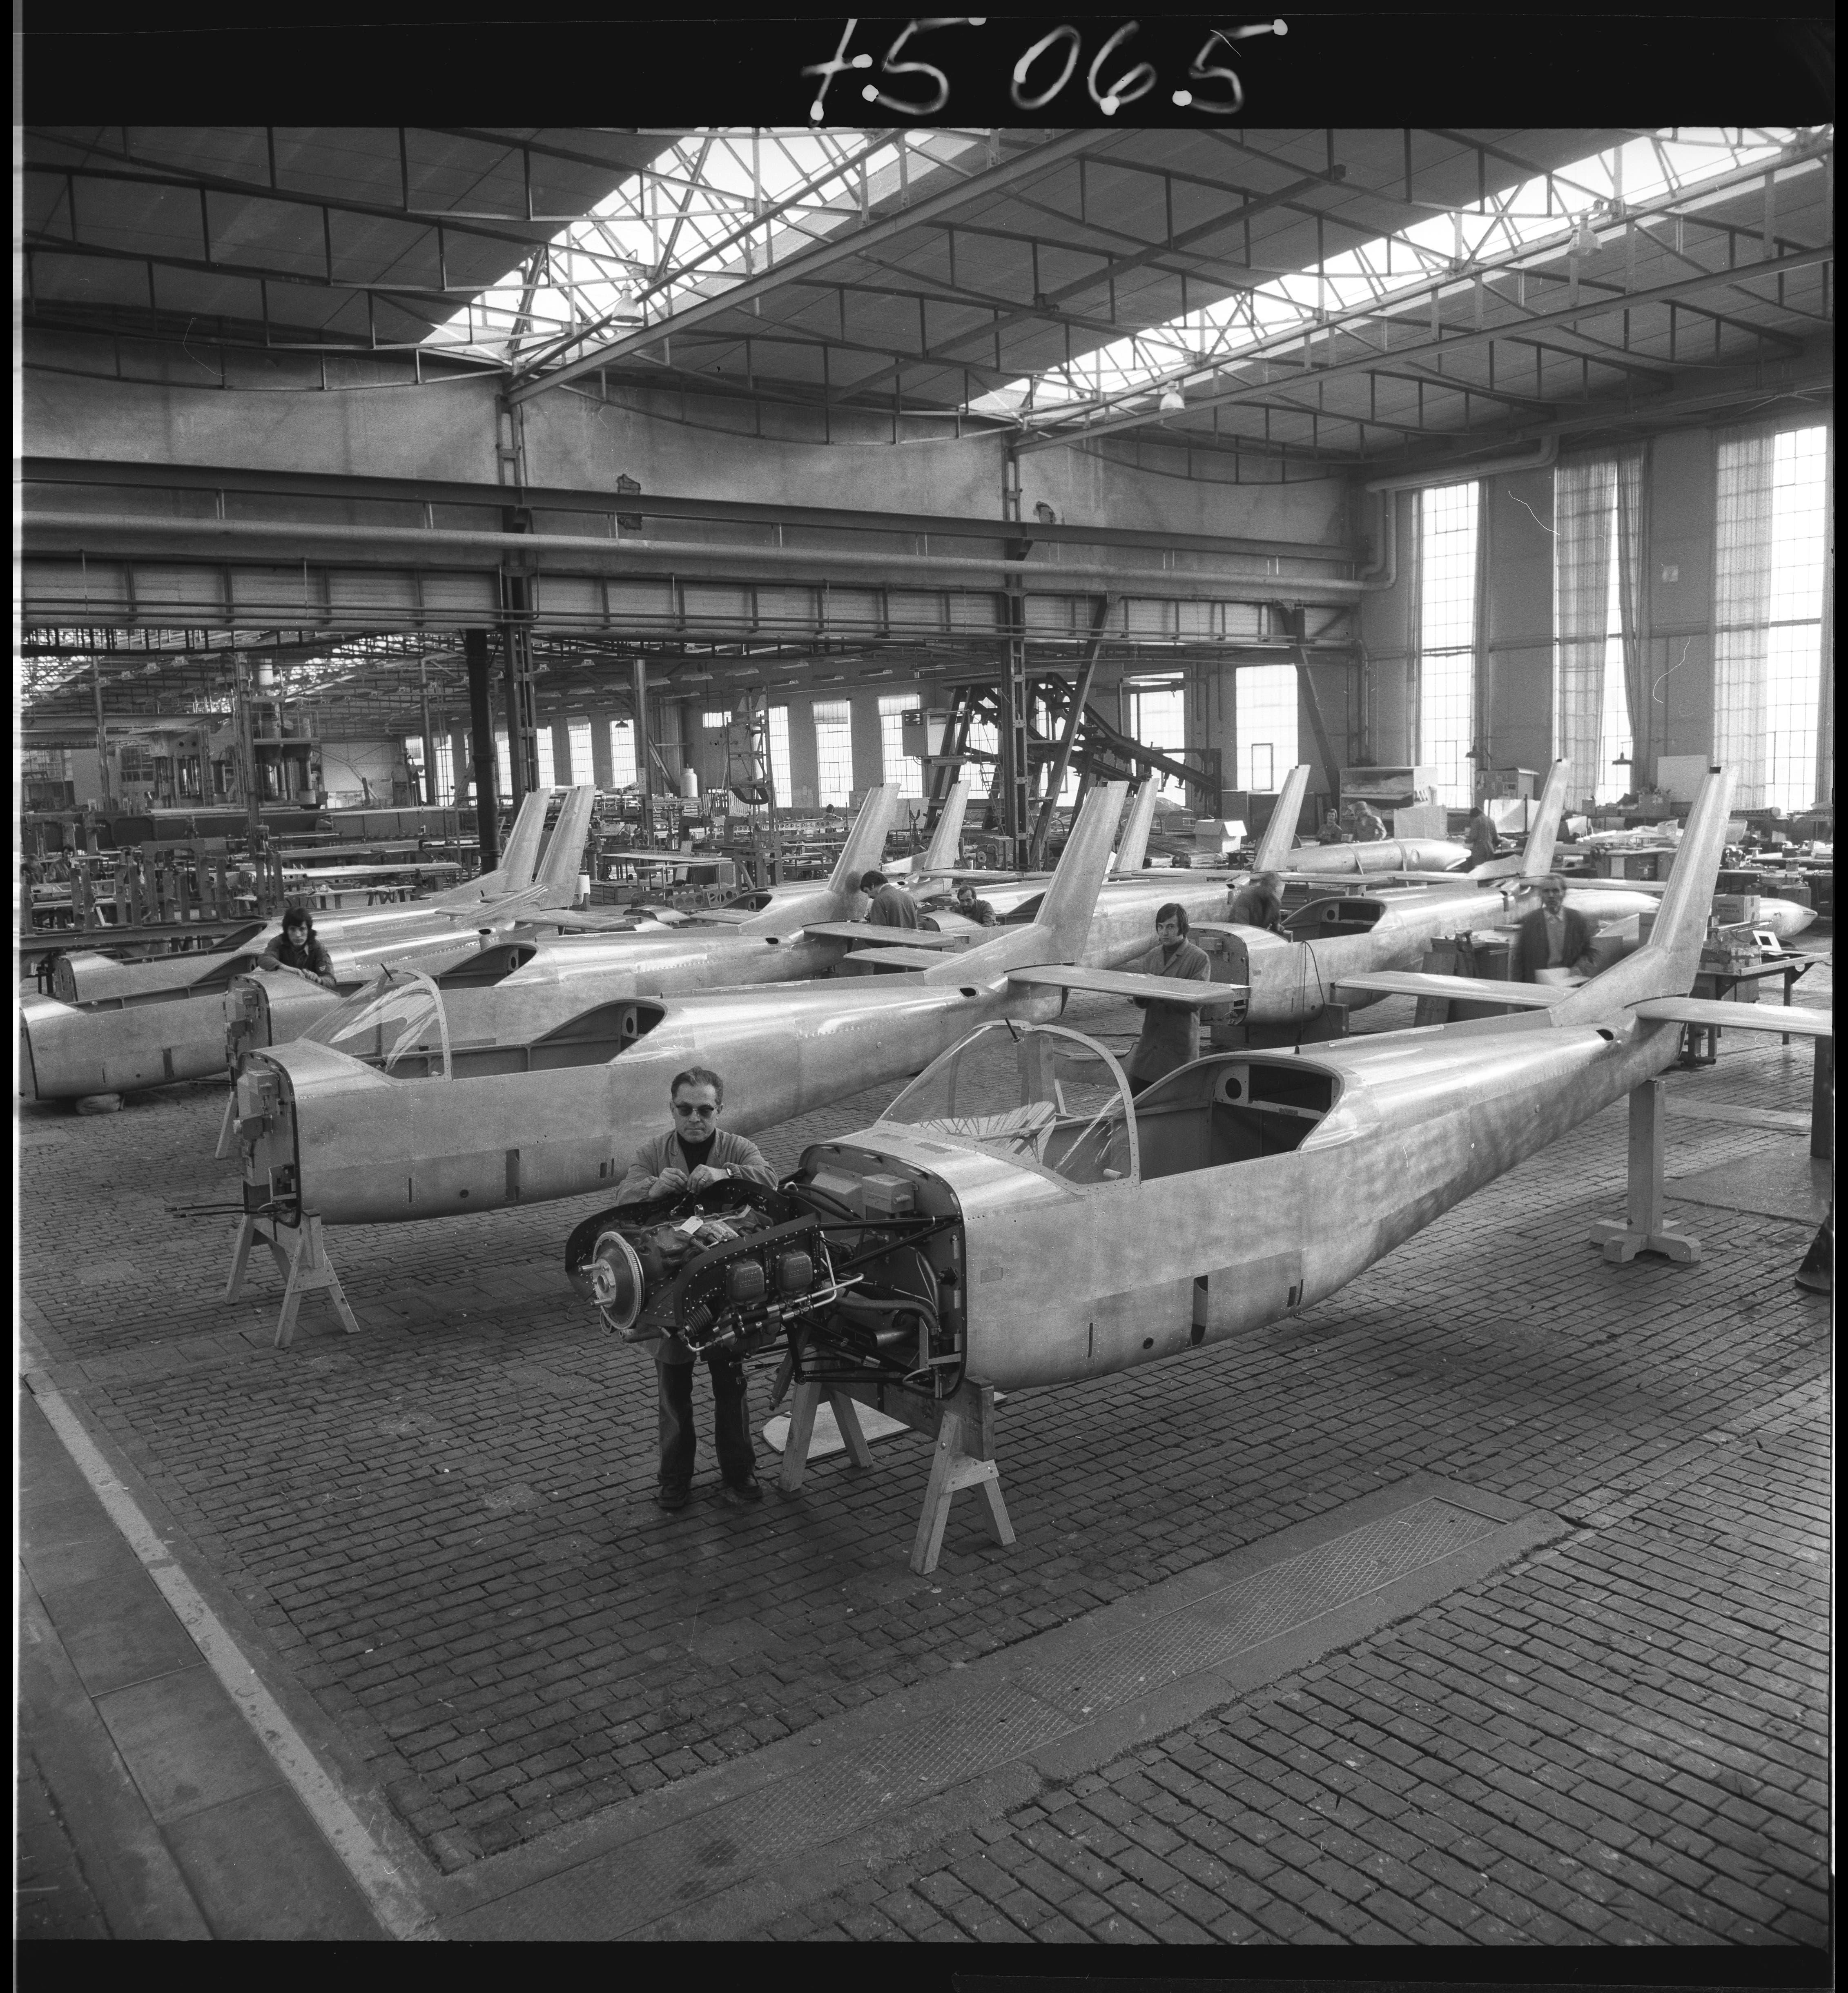 Endmontage des Trainingsflugzeugs AS 202 Bravo, 1975. (Bild: Staatsarchiv St.Gallen, W 241/5-075065)